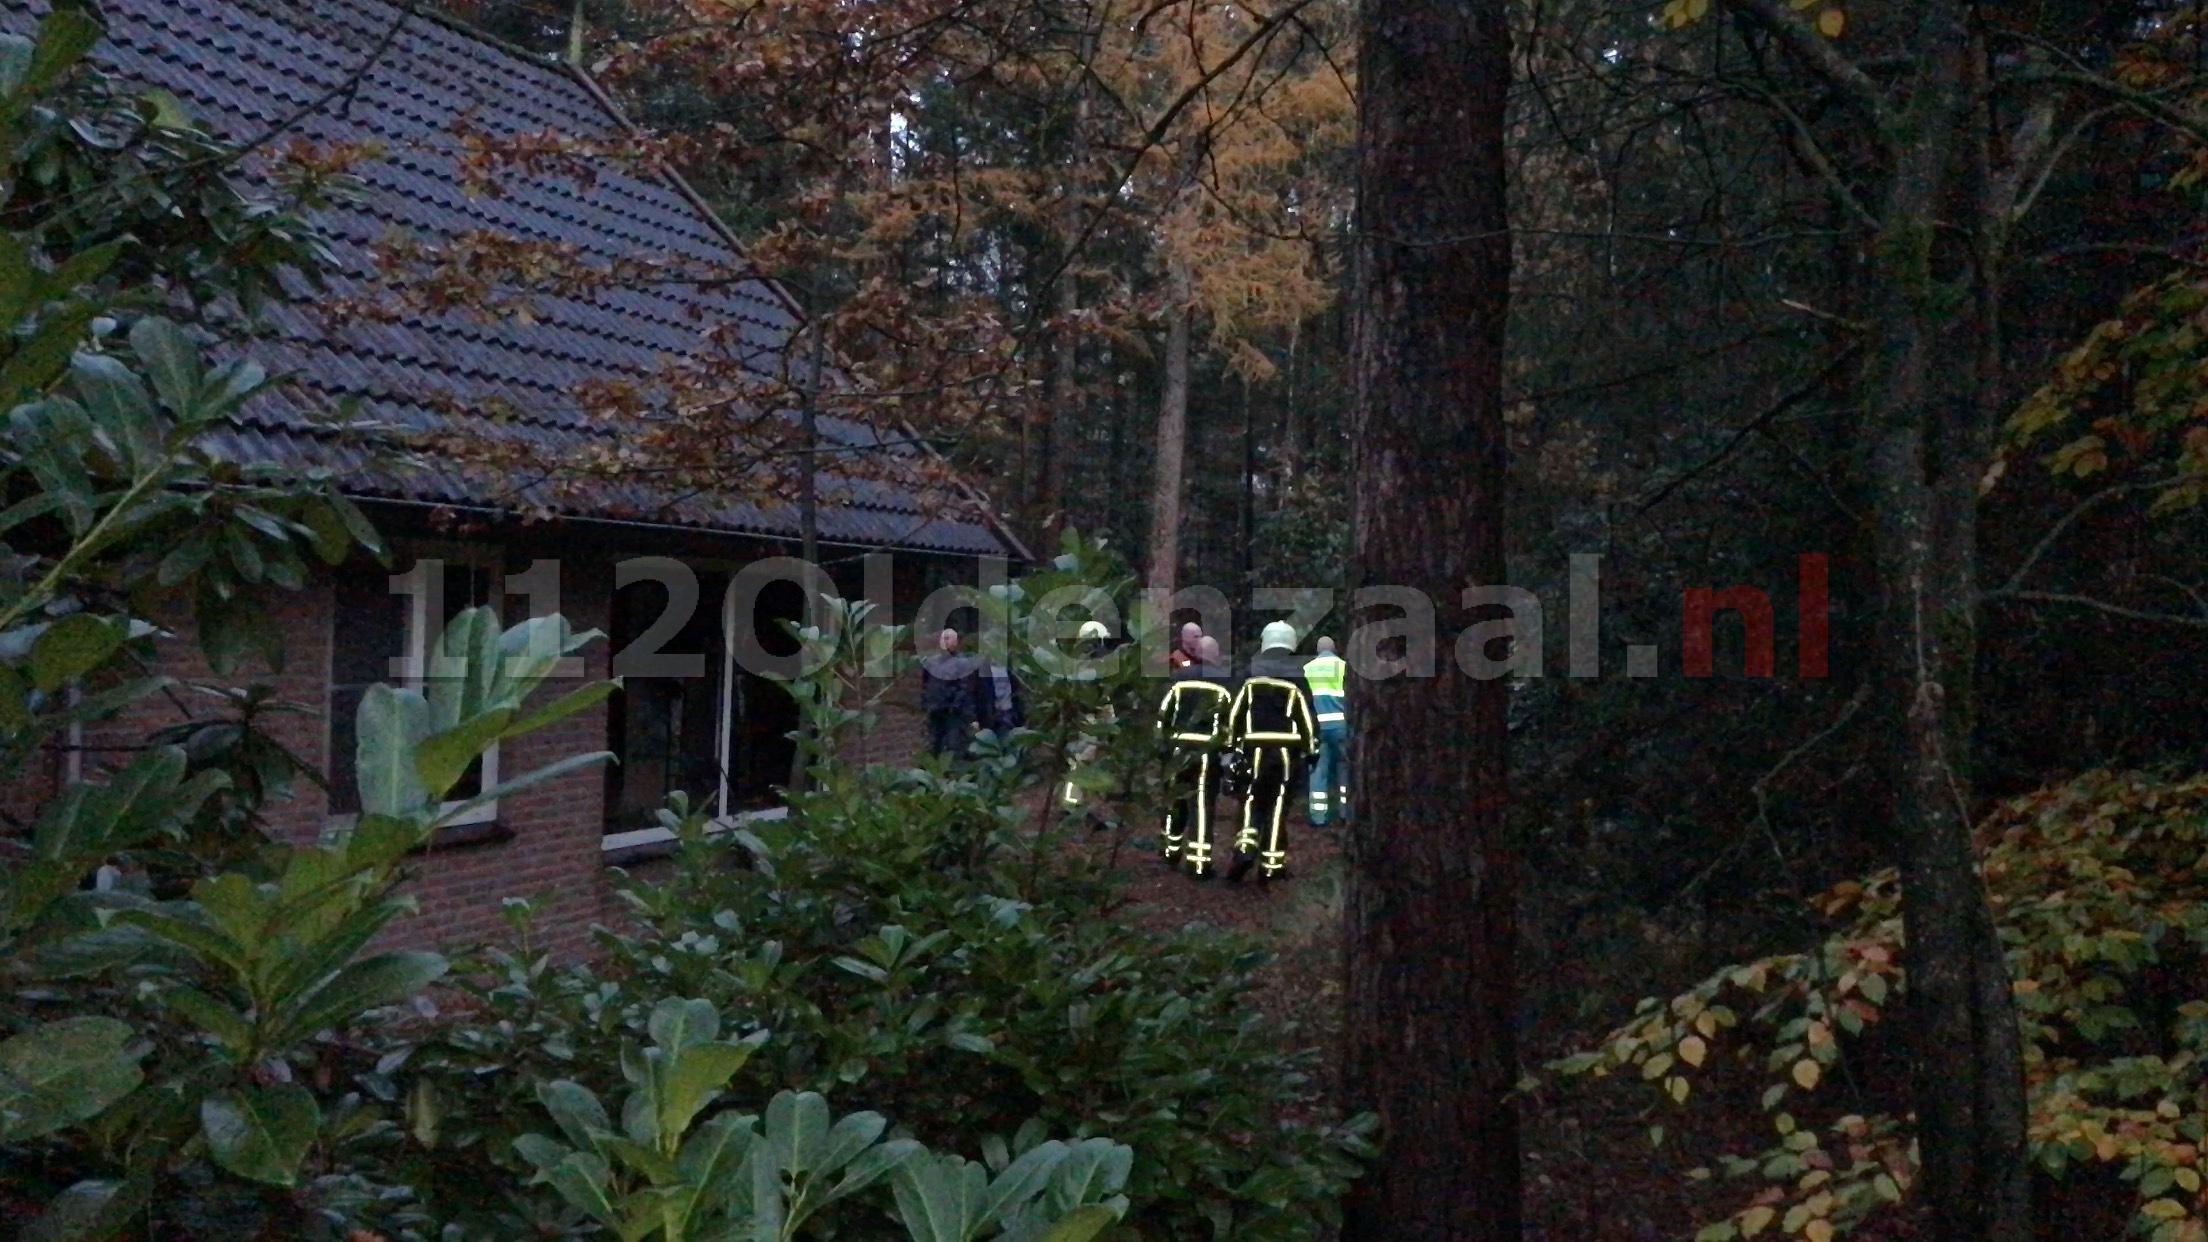 Video: Brand in vakantiebungalow in Deurningen, één persoon naar ziekenhuis